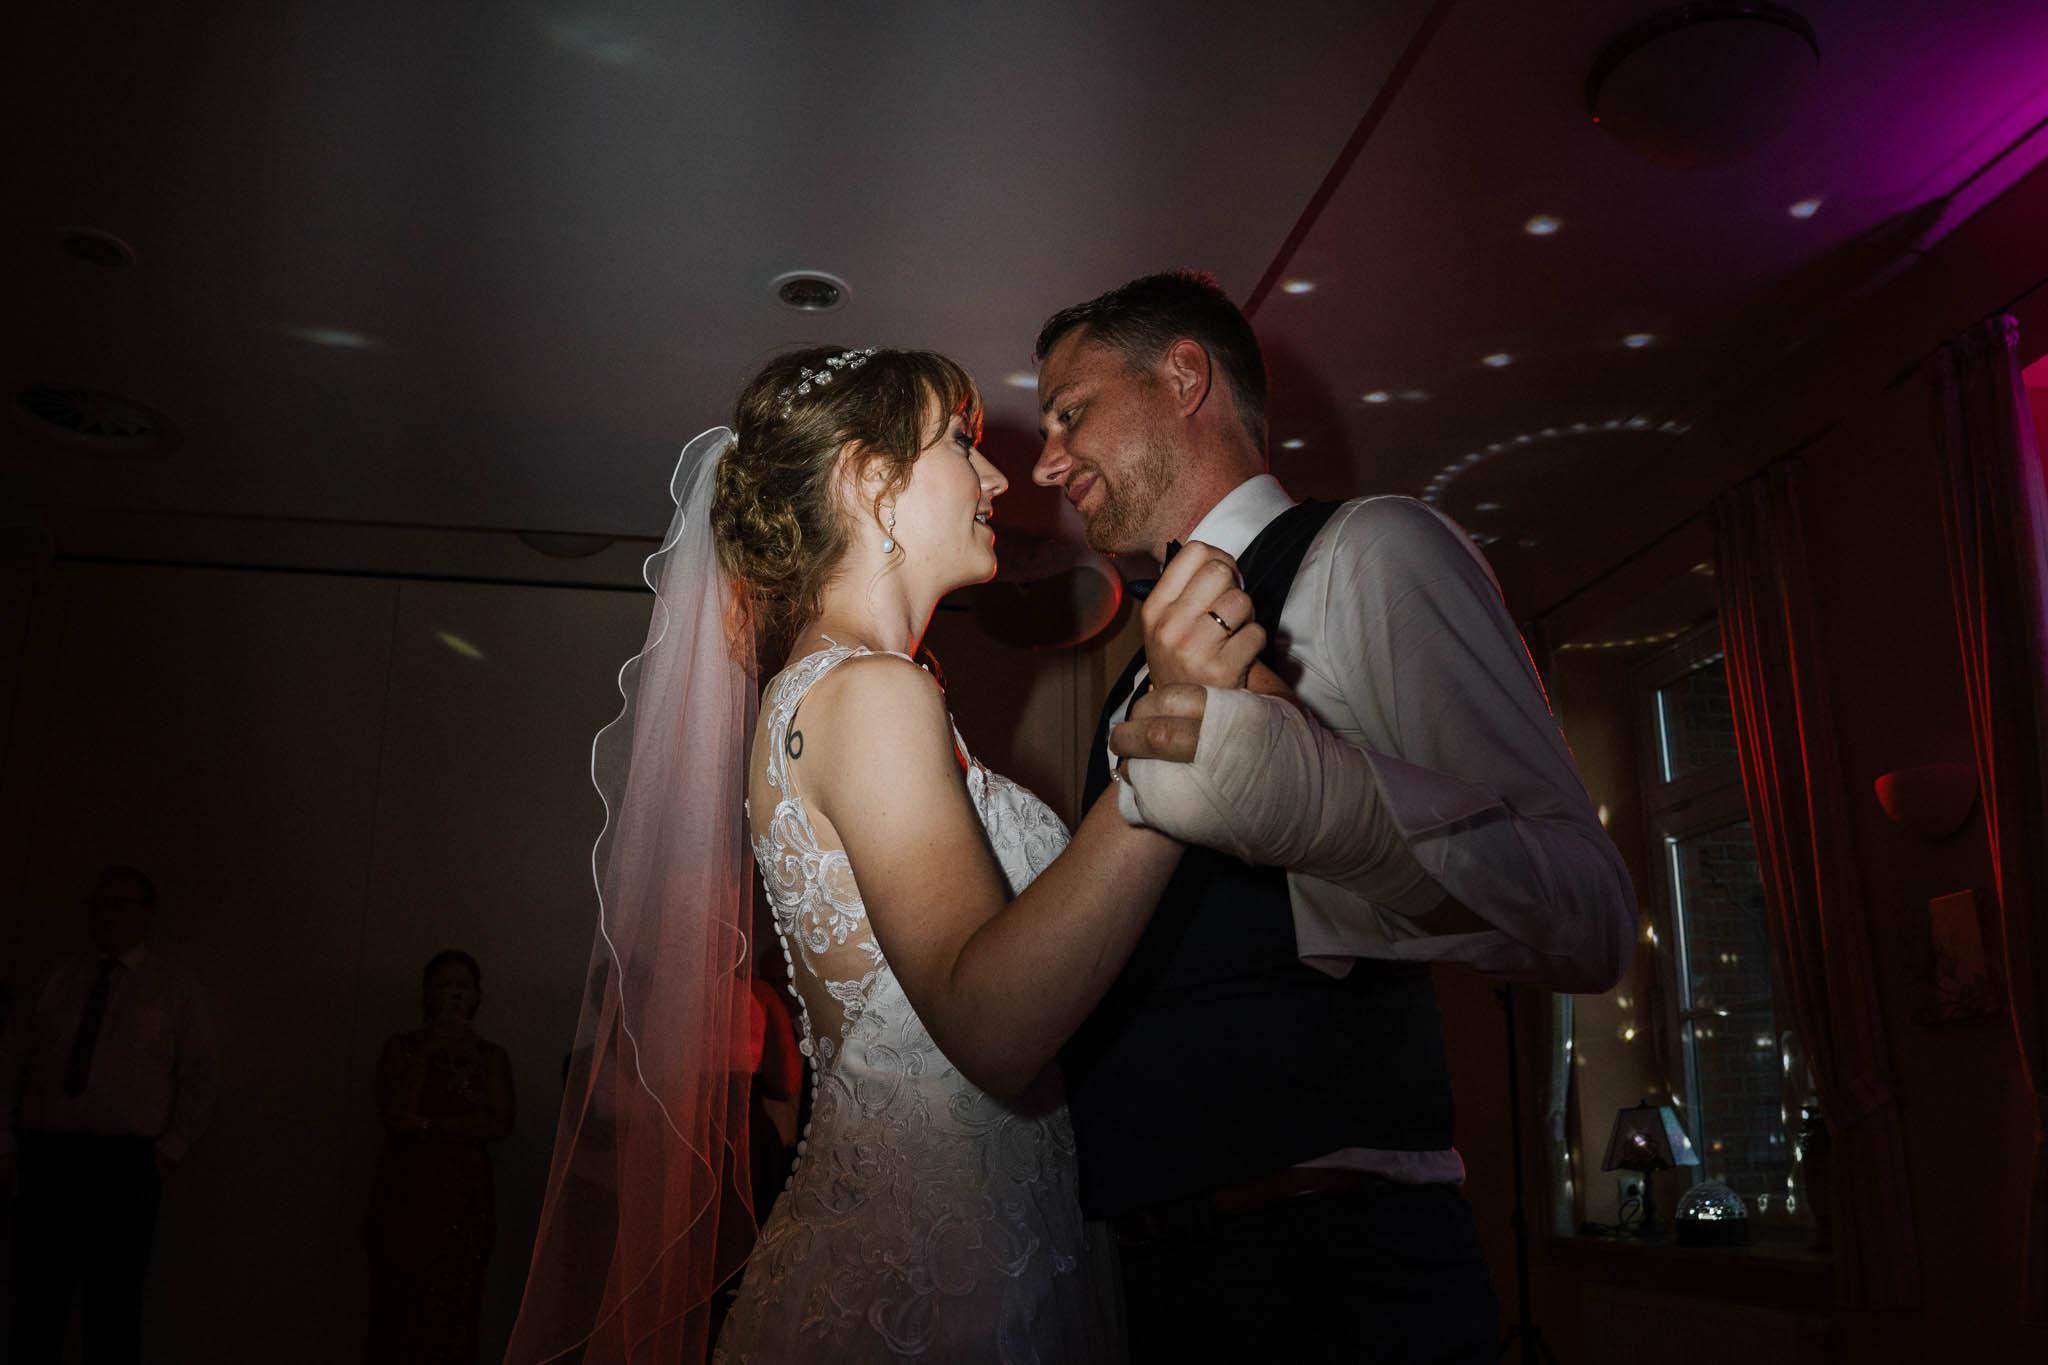 Hochzeitsfieber by Photo-Schomburg, Hoichzeitsfotograf, Hamburg, Wedding, Weddingtime, Hochzeitspaar, Braut, Bräutigam, Hochzeit im Norden,-133